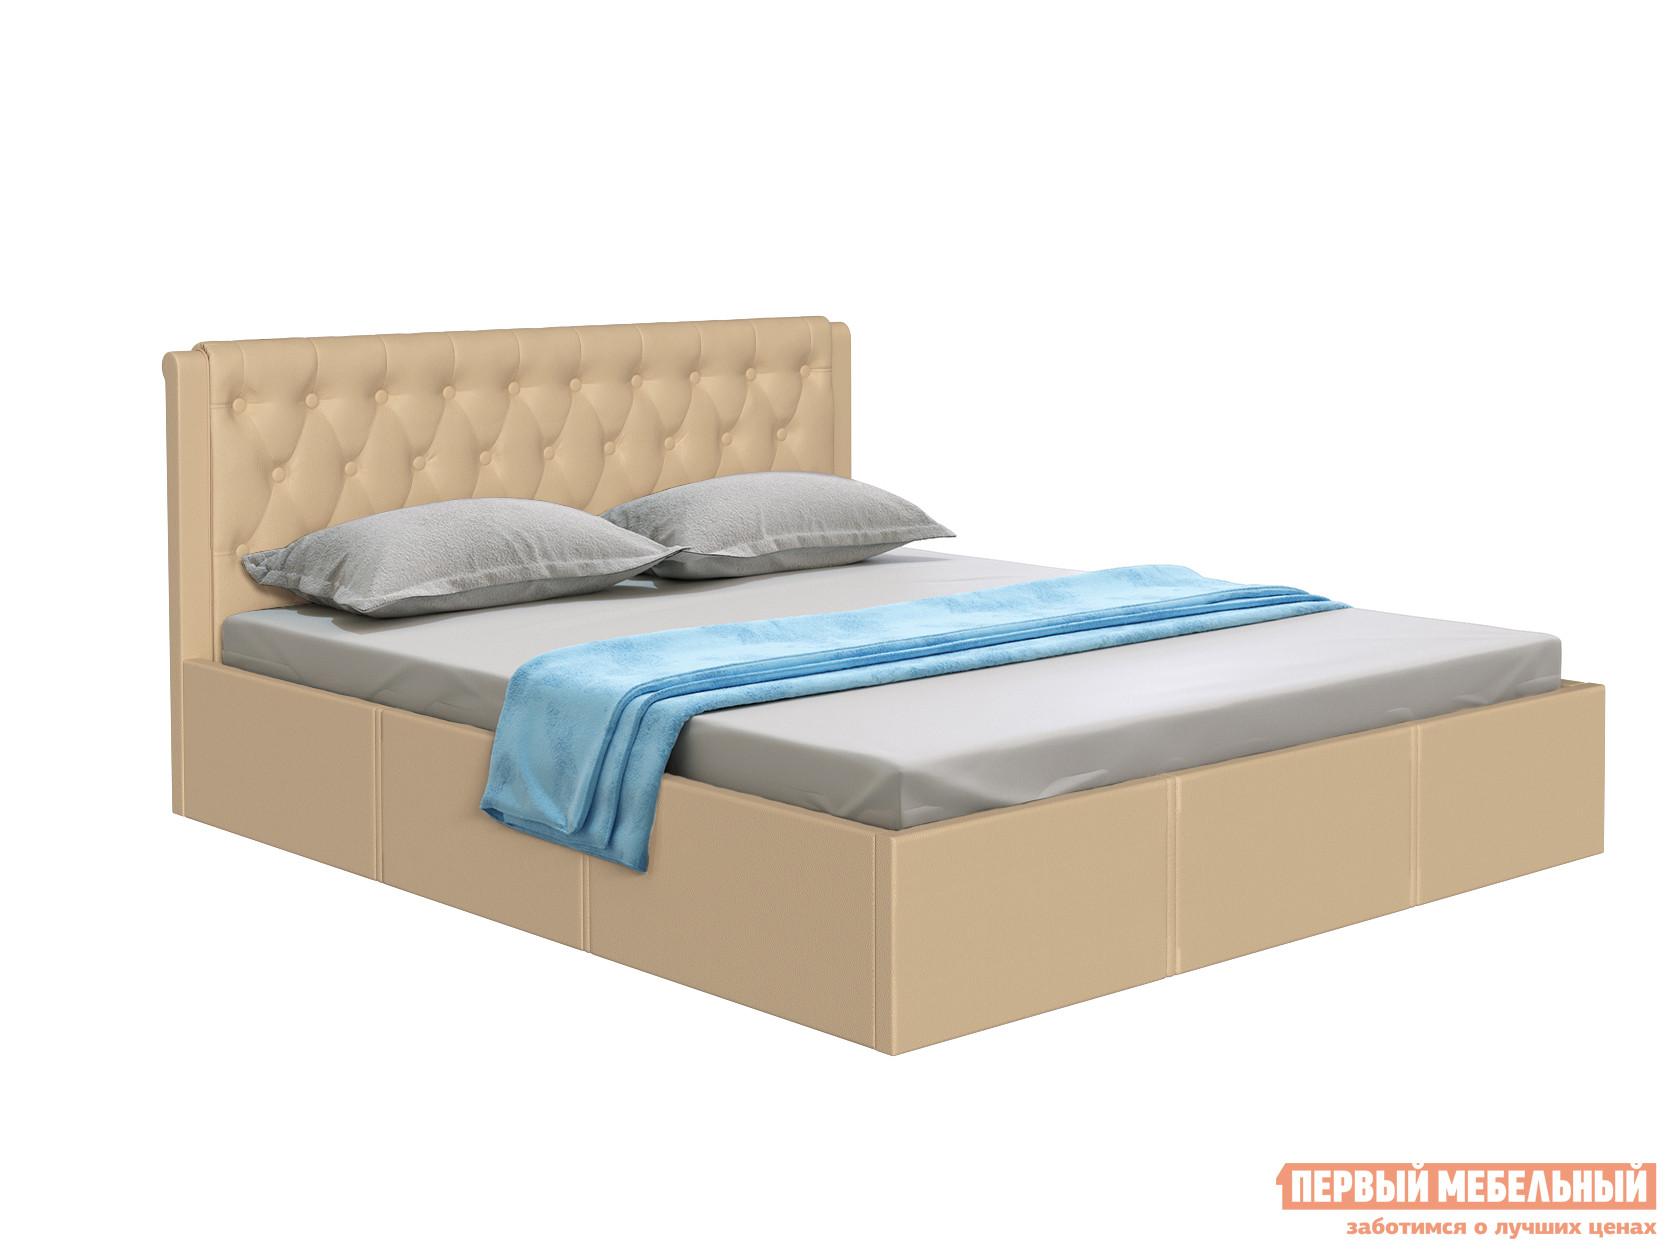 Двуспальная кровать  Кровать с подъемным механизмом Моника Бежевый, экокожа, 1400 Х 2000 мм